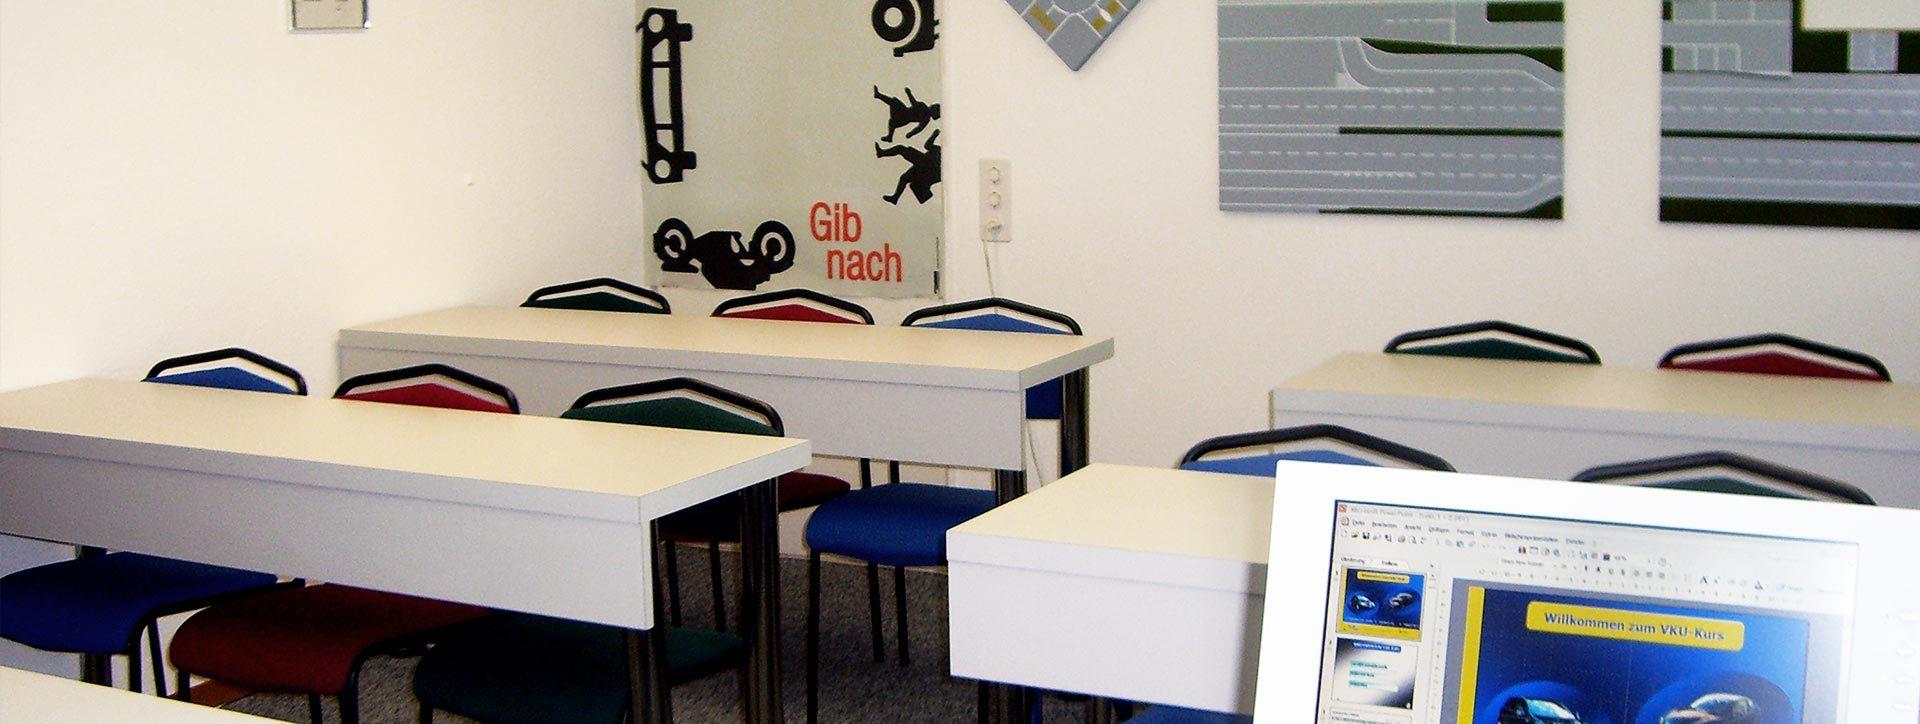 http://fahrschule-aebischer.ch/wp-content/uploads/fahrschule_aarau_14-1920x724.jpg